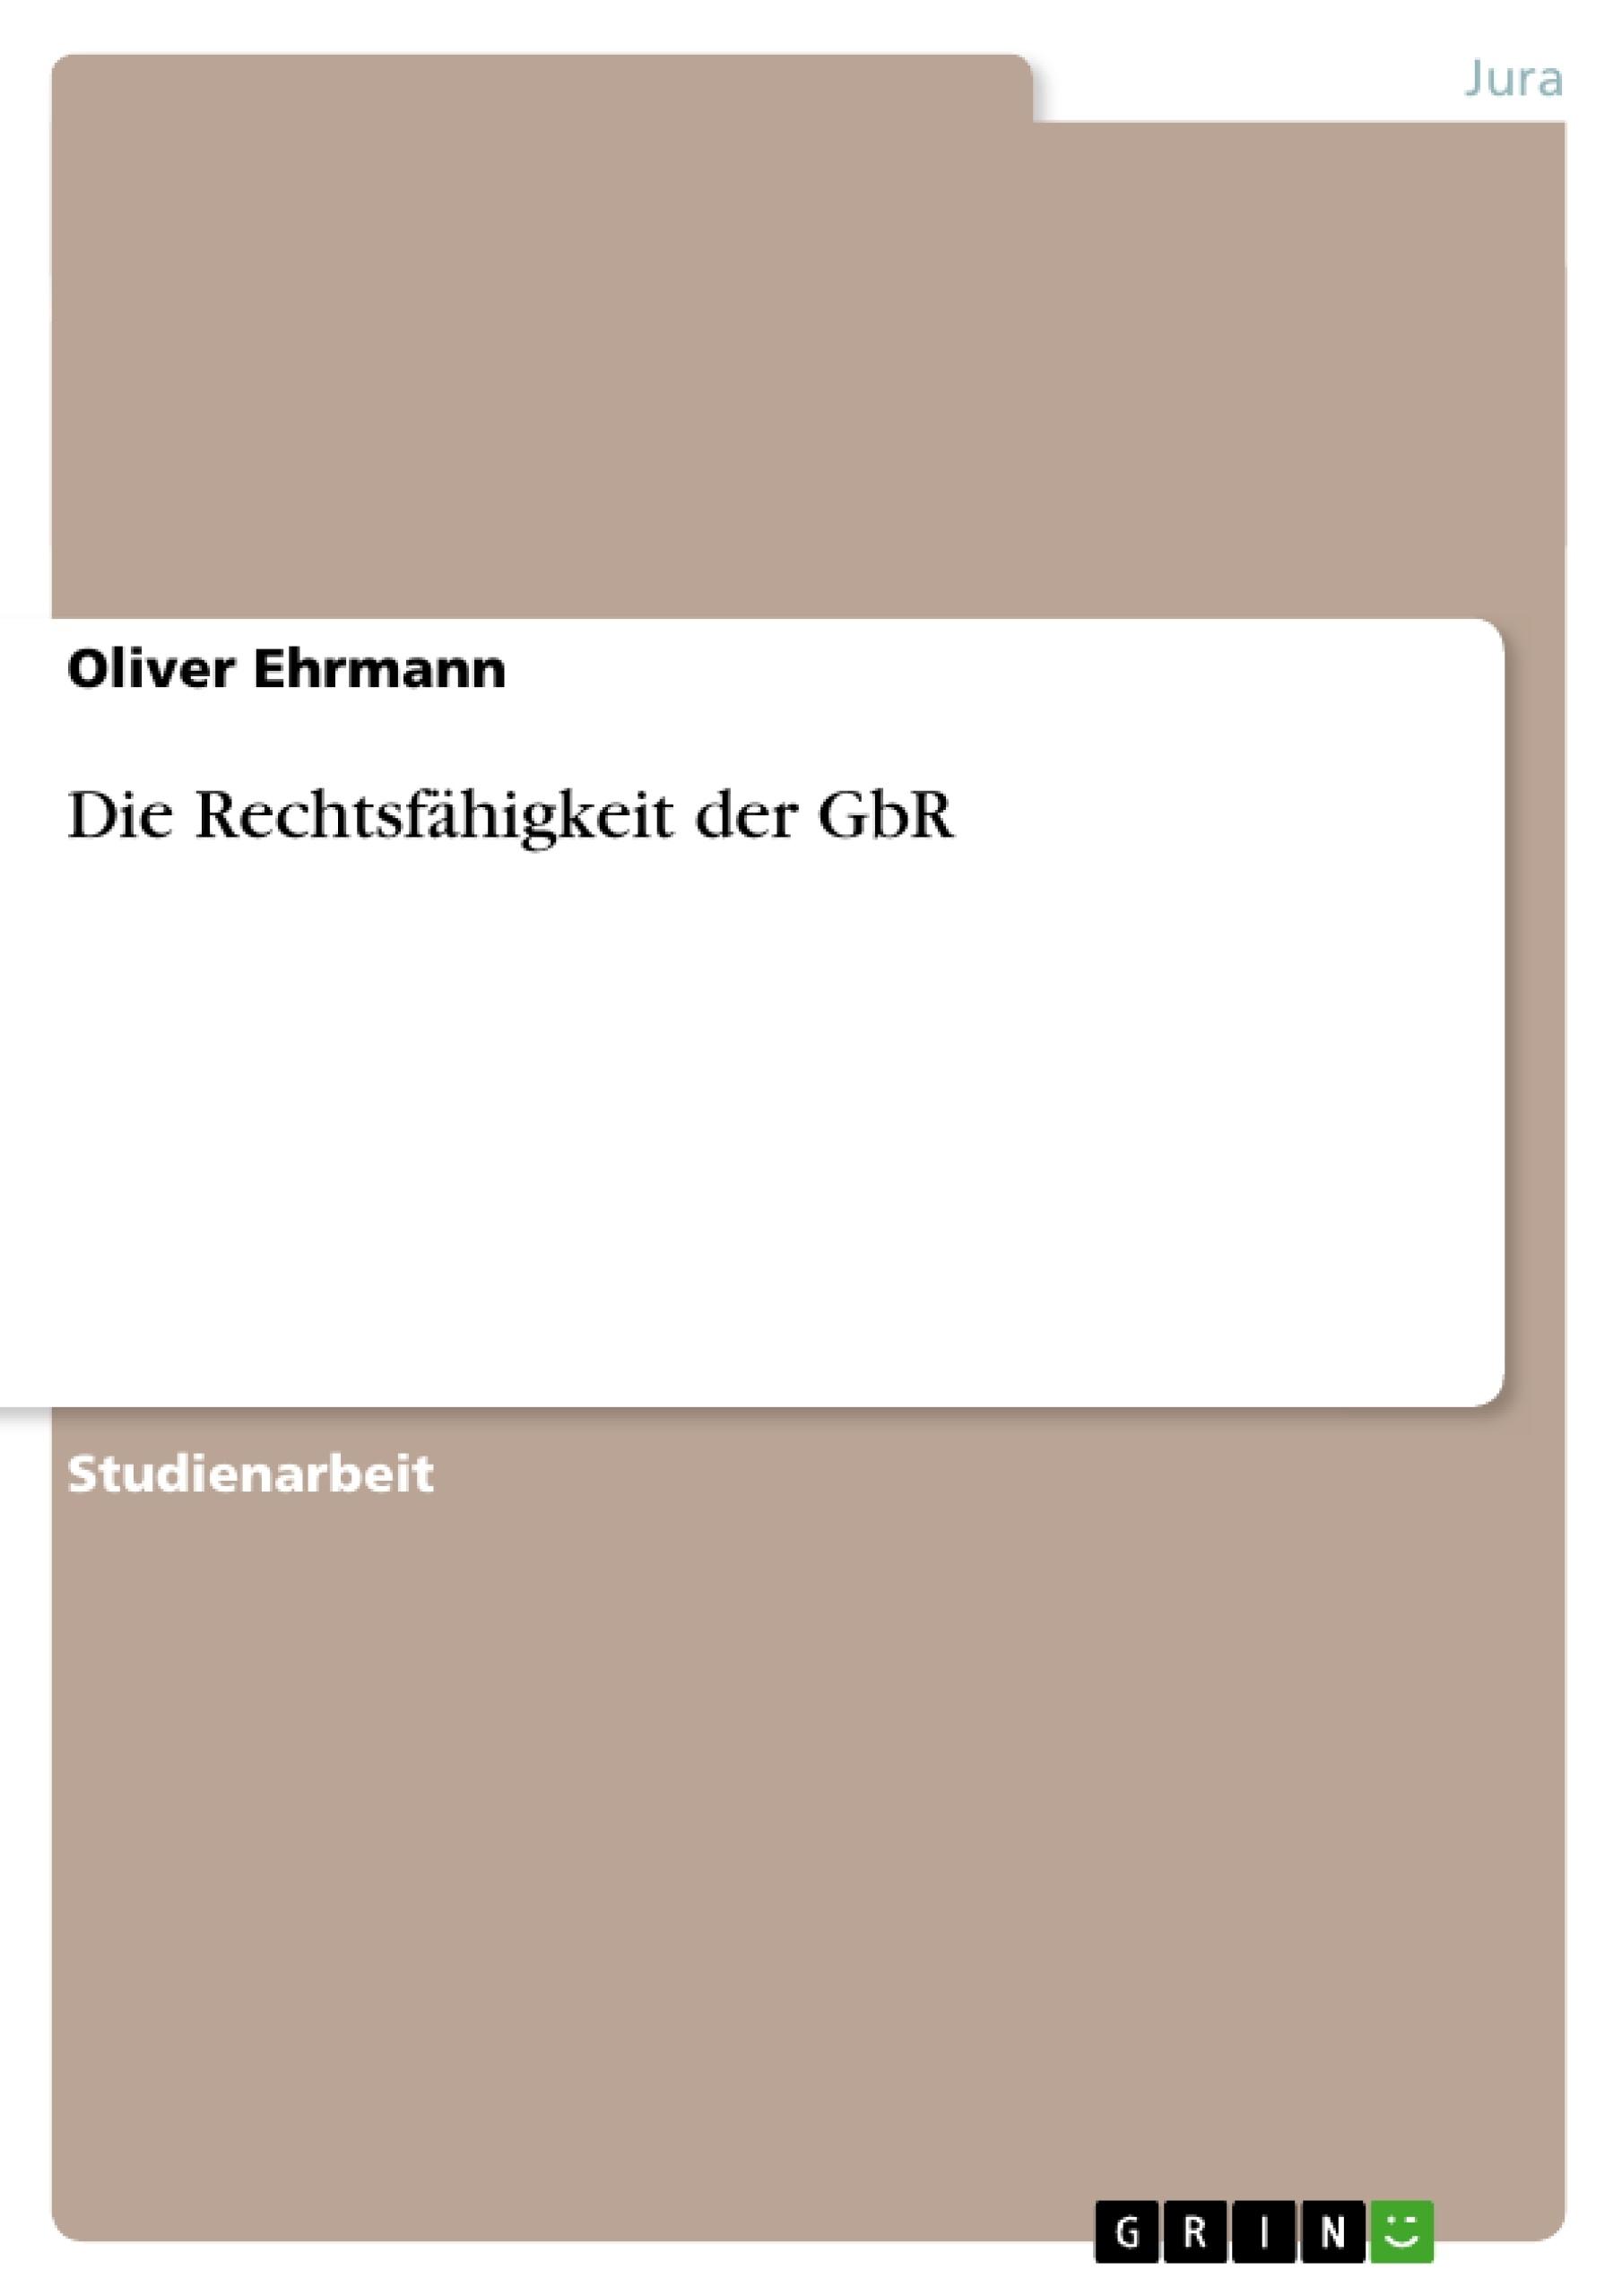 Titel: Die Rechtsfähigkeit der GbR